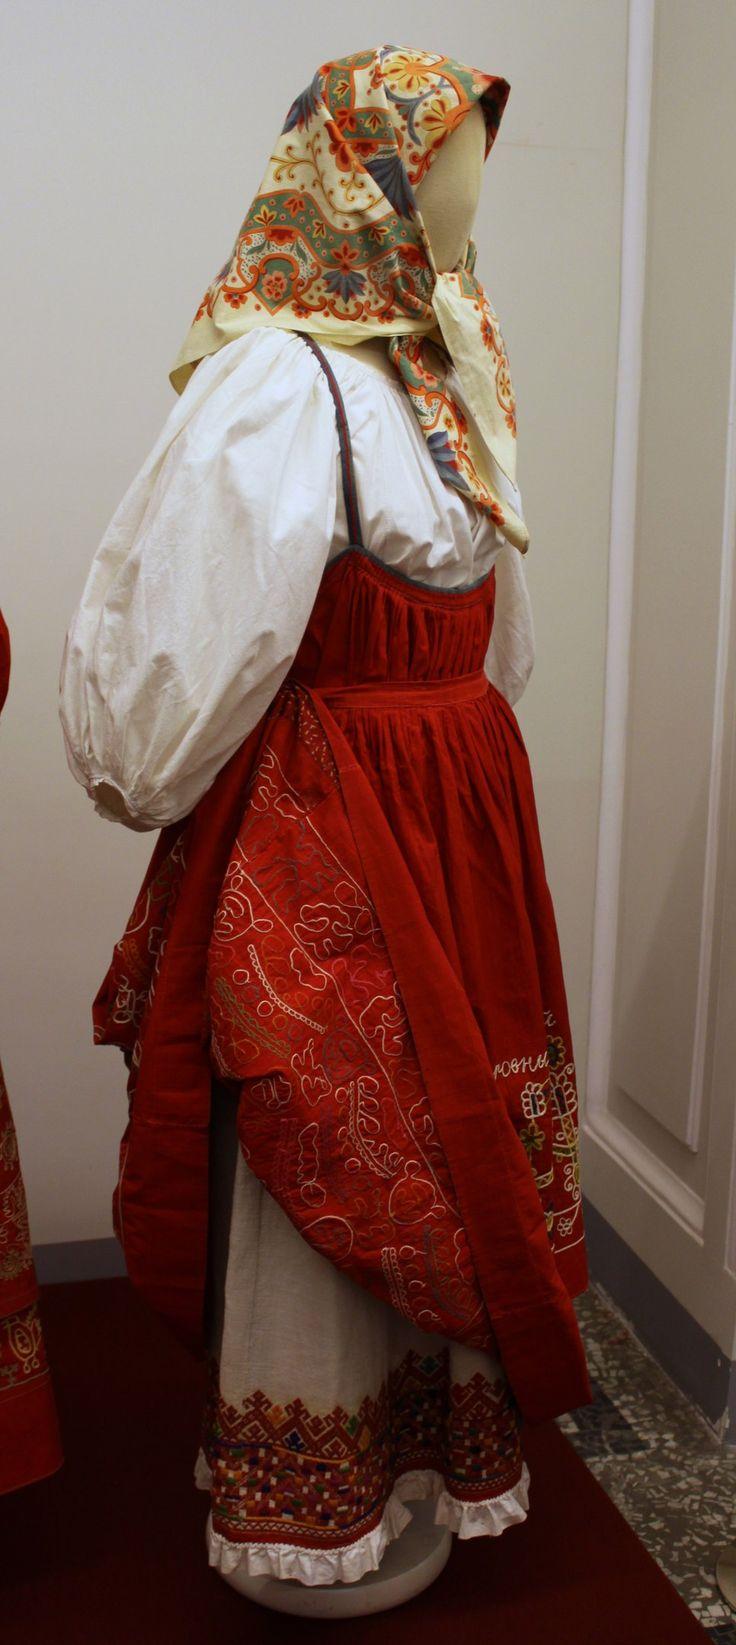 Русский Север-Архангельский музей изобразительных искусств